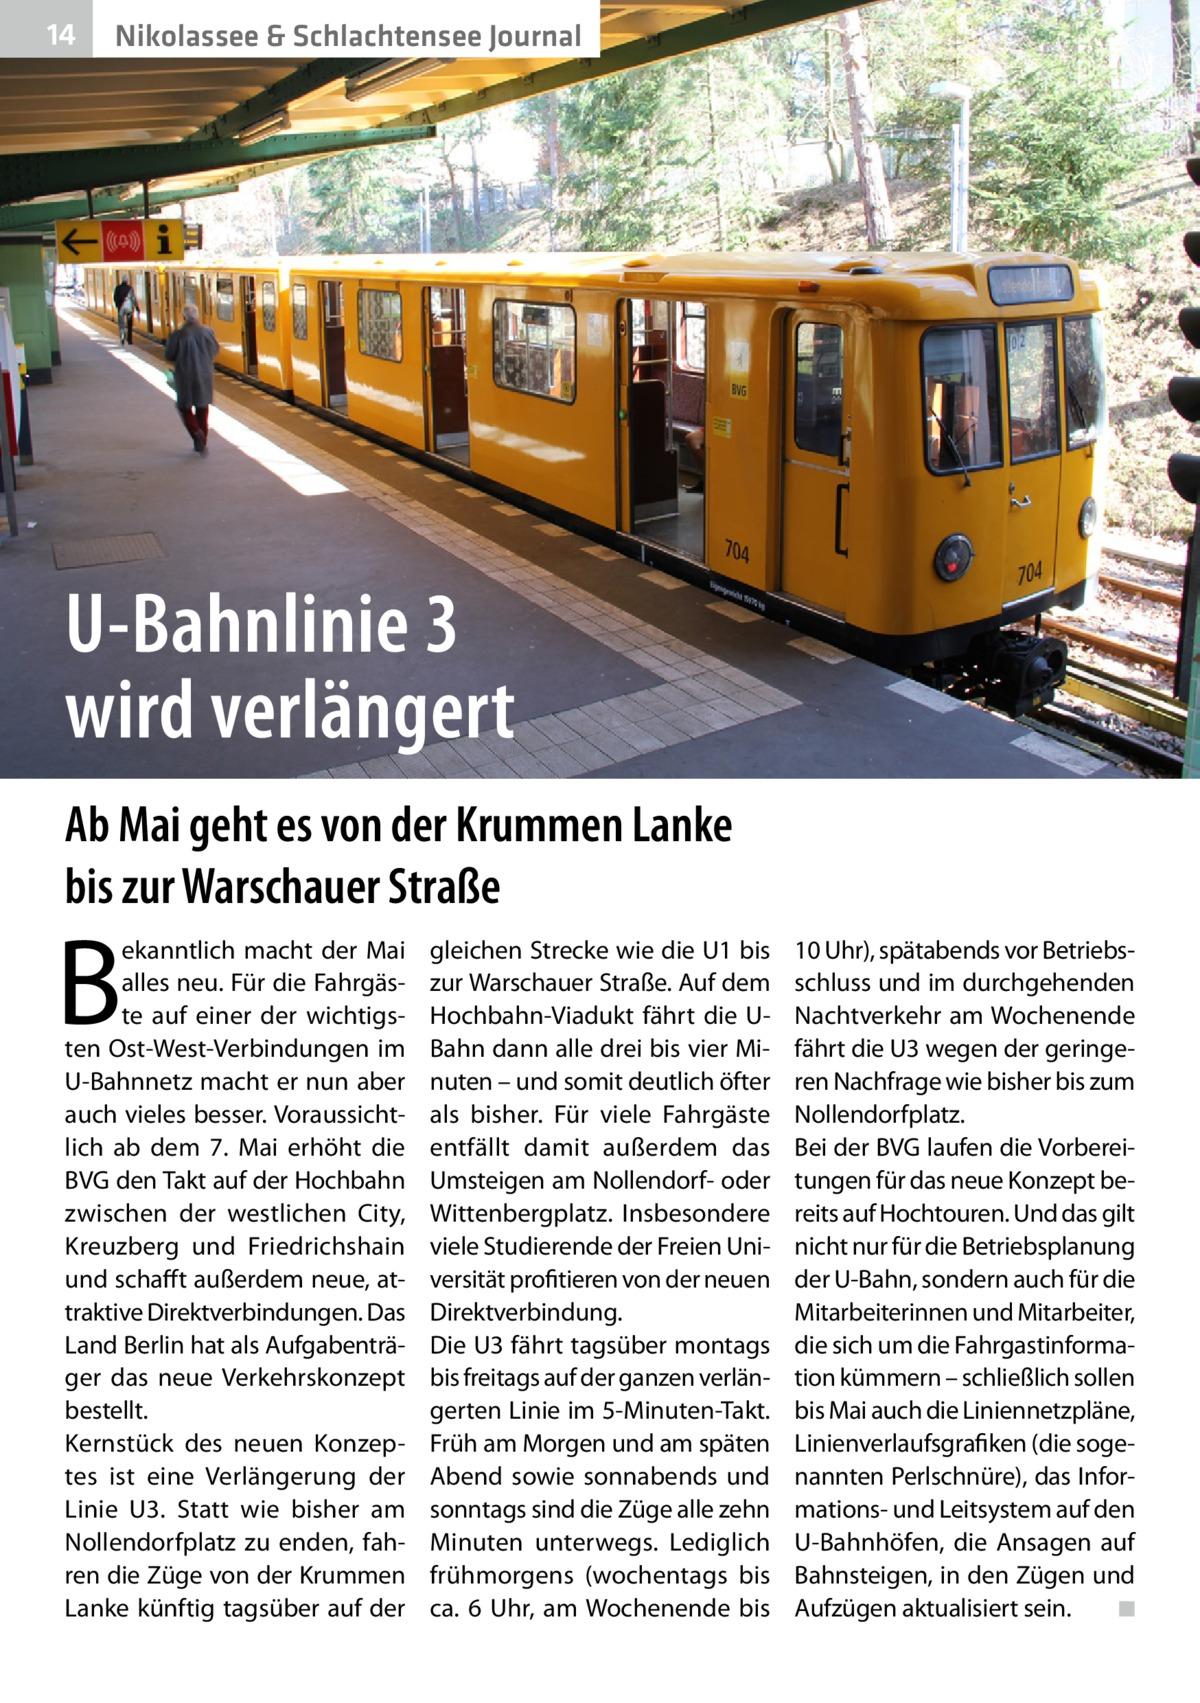 14  Nikolassee & Schlachtensee Journal  U-Bahnlinie 3 wird verlängert Ab Mai geht es von der Krummen Lanke bis zur Warschauer Straße  B  ekanntlich macht der Mai alles neu. Für die Fahrgäste auf einer der wichtigsten Ost-West-Verbindungen im U-Bahnnetz macht er nun aber auch vieles besser. Voraussichtlich ab dem 7. Mai erhöht die BVG den Takt auf der Hochbahn zwischen der westlichen City, Kreuzberg und Friedrichshain und schafft außerdem neue, attraktive Direktverbindungen. Das Land Berlin hat als Aufgabenträger das neue Verkehrskonzept bestellt. Kernstück des neuen Konzeptes ist eine Verlängerung der Linie U3. Statt wie bisher am Nollendorfplatz zu enden, fahren die Züge von der Krummen Lanke künftig tagsüber auf der  gleichen Strecke wie die U1 bis zur Warschauer Straße. Auf dem Hochbahn-Viadukt fährt die UBahn dann alle drei bis vier Minuten – und somit deutlich öfter als bisher. Für viele Fahrgäste entfällt damit außerdem das Umsteigen am Nollendorf- oder Wittenbergplatz. Insbesondere viele Studierende der Freien Universität profitieren von der neuen Direktverbindung. Die U3 fährt tagsüber montags bis freitags auf der ganzen verlängerten Linie im 5-Minuten-Takt. Früh am Morgen und am späten Abend sowie sonnabends und sonntags sind die Züge alle zehn Minuten unterwegs. Lediglich frühmorgens (wochentags bis ca. 6 Uhr, am Wochenende bis  10Uhr), spätabends vor Betriebsschluss und im durchgehenden Nachtverkehr am Wochenende fährt die U3 wegen der geringeren Nachfrage wie bisher bis zum Nollendorfplatz. Bei der BVG laufen die Vorbereitungen für das neue Konzept bereits auf Hochtouren. Und das gilt nicht nur für die Betriebsplanung der U-Bahn, sondern auch für die Mitarbeiterinnen und Mitarbeiter, die sich um die Fahrgastinformation kümmern – schließlich sollen bis Mai auch die Liniennetzpläne, Linienverlaufsgrafiken (die sogenannten Perlschnüre), das Informations- und Leitsystem auf den U-Bahnhöfen, die Ansagen auf Bahnsteigen, in den Zügen und Aufzügen aktualisiert 